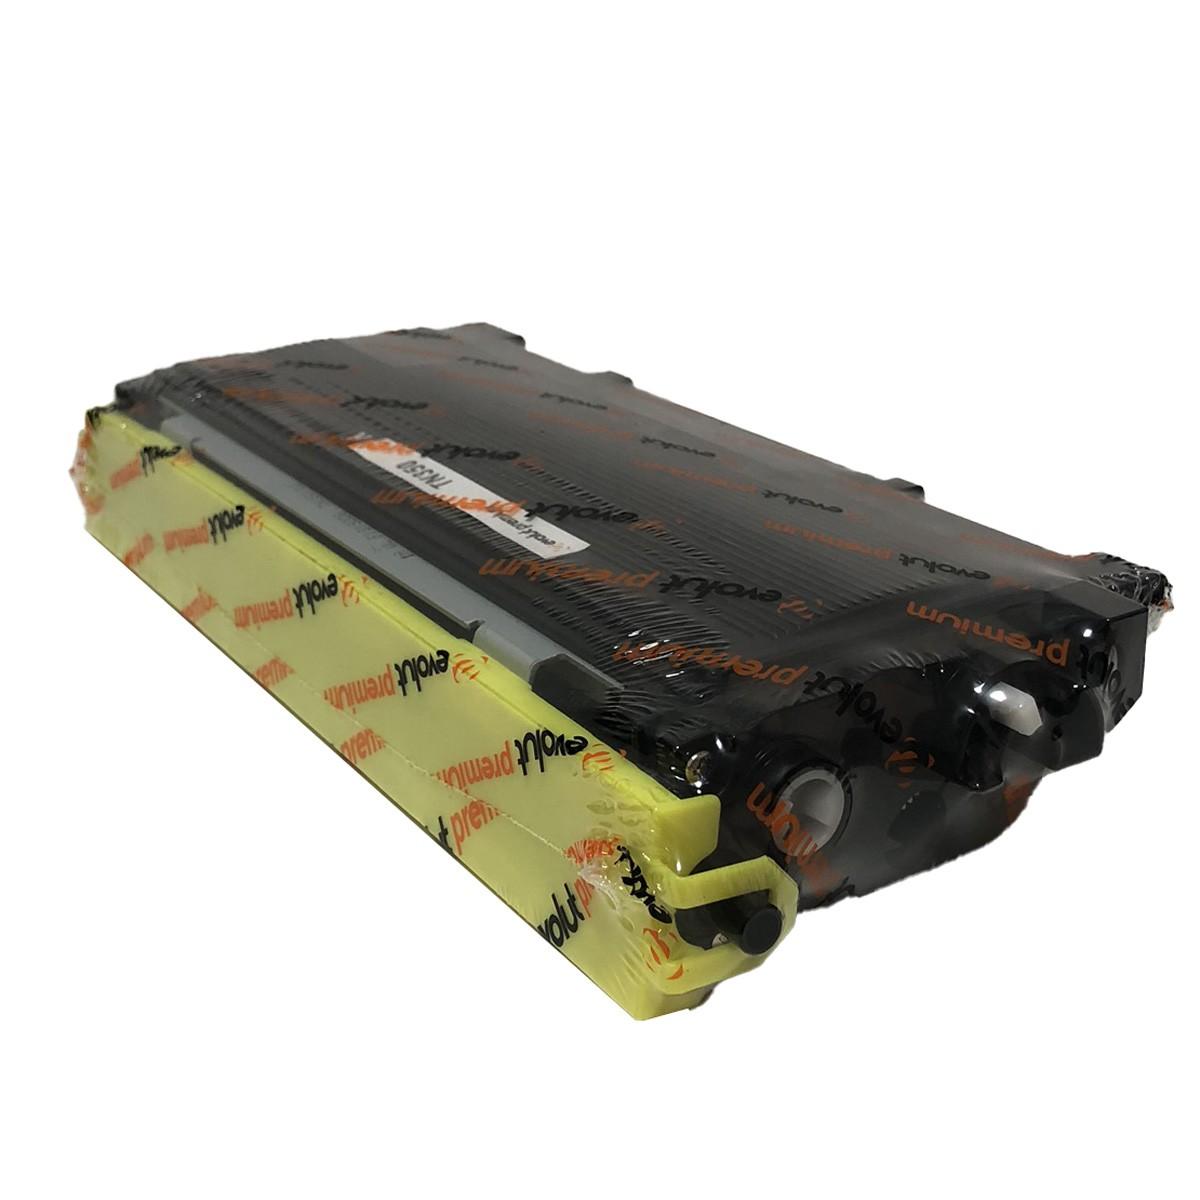 Toner TN350 Evolut Compatível com DCP-7020 HL-2030 MFC-7820N da Brother